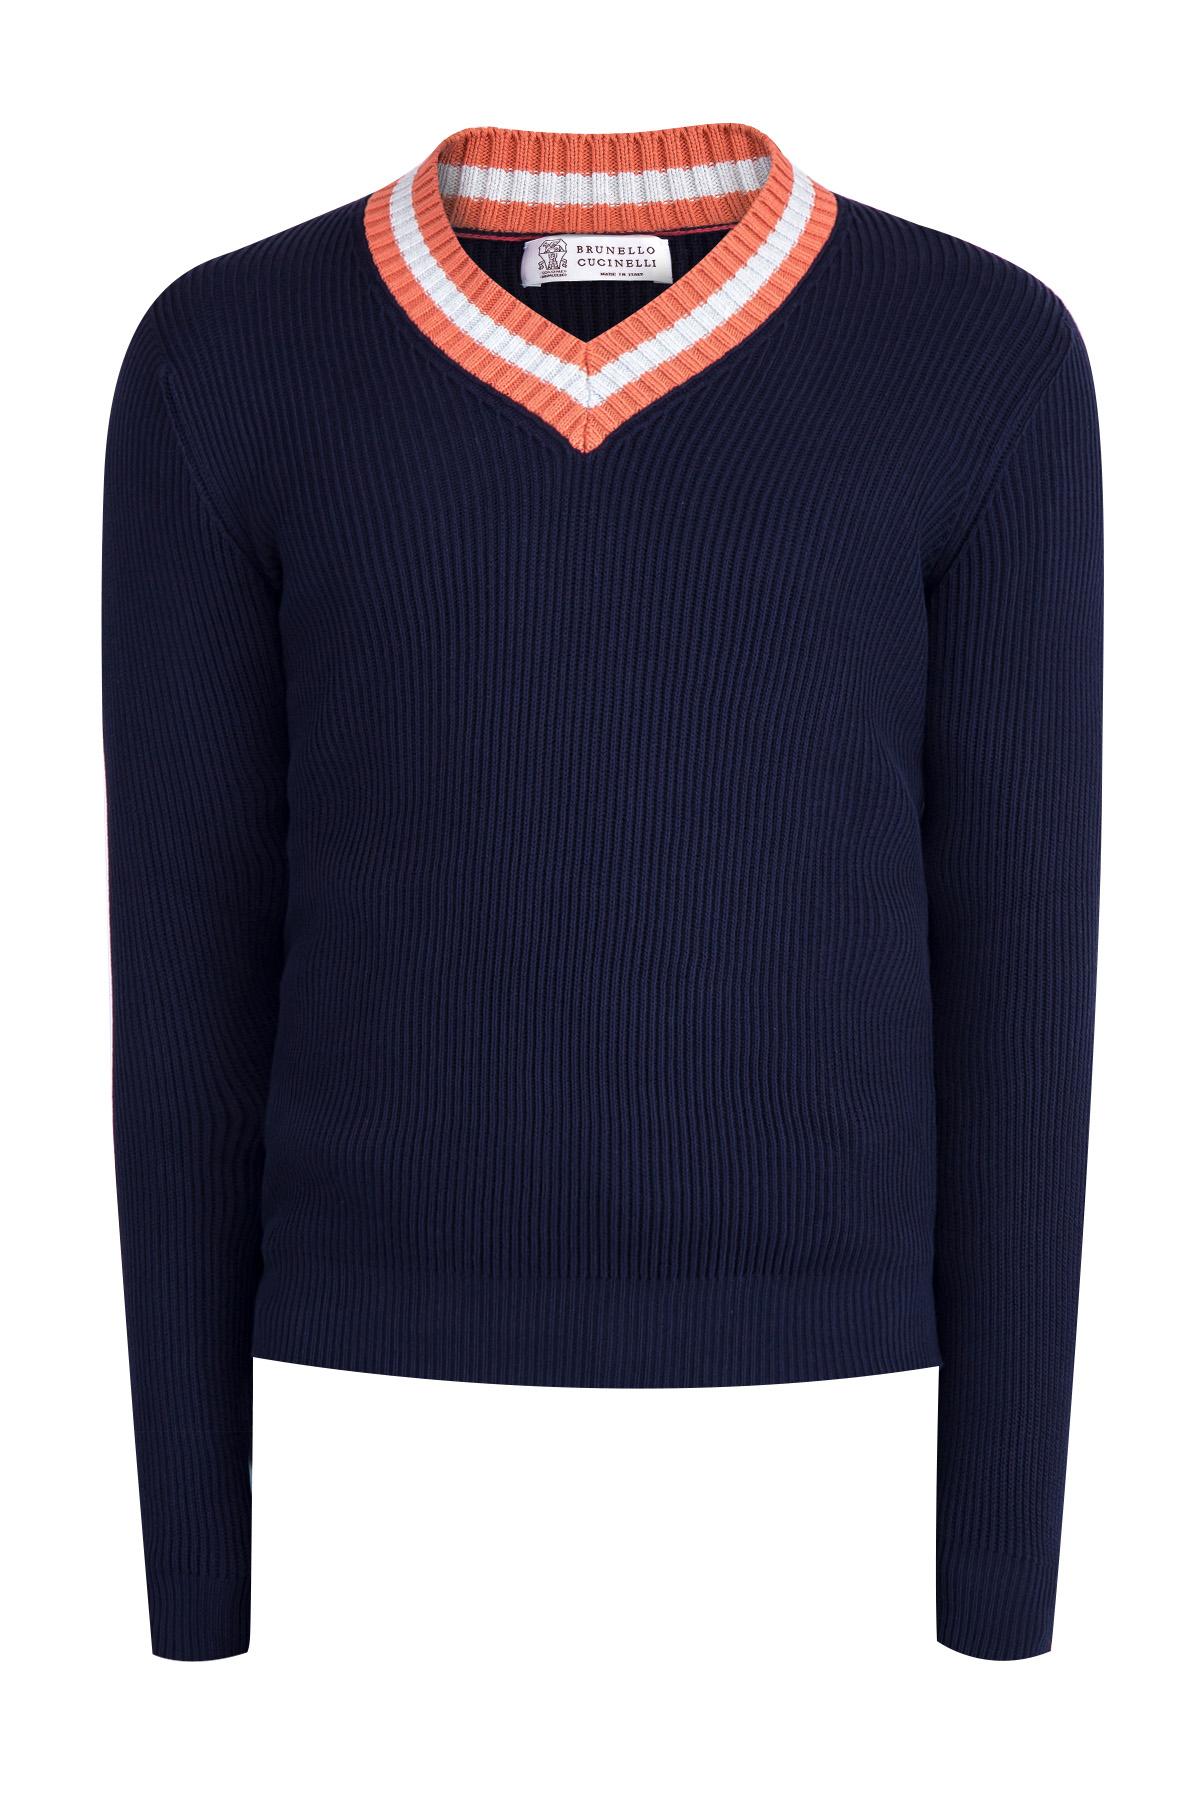 Джемпер Golf Stripes из газового хлопка синего тона, BRUNELLO CUCINELLI, Италия, хлопок 100%  - купить со скидкой